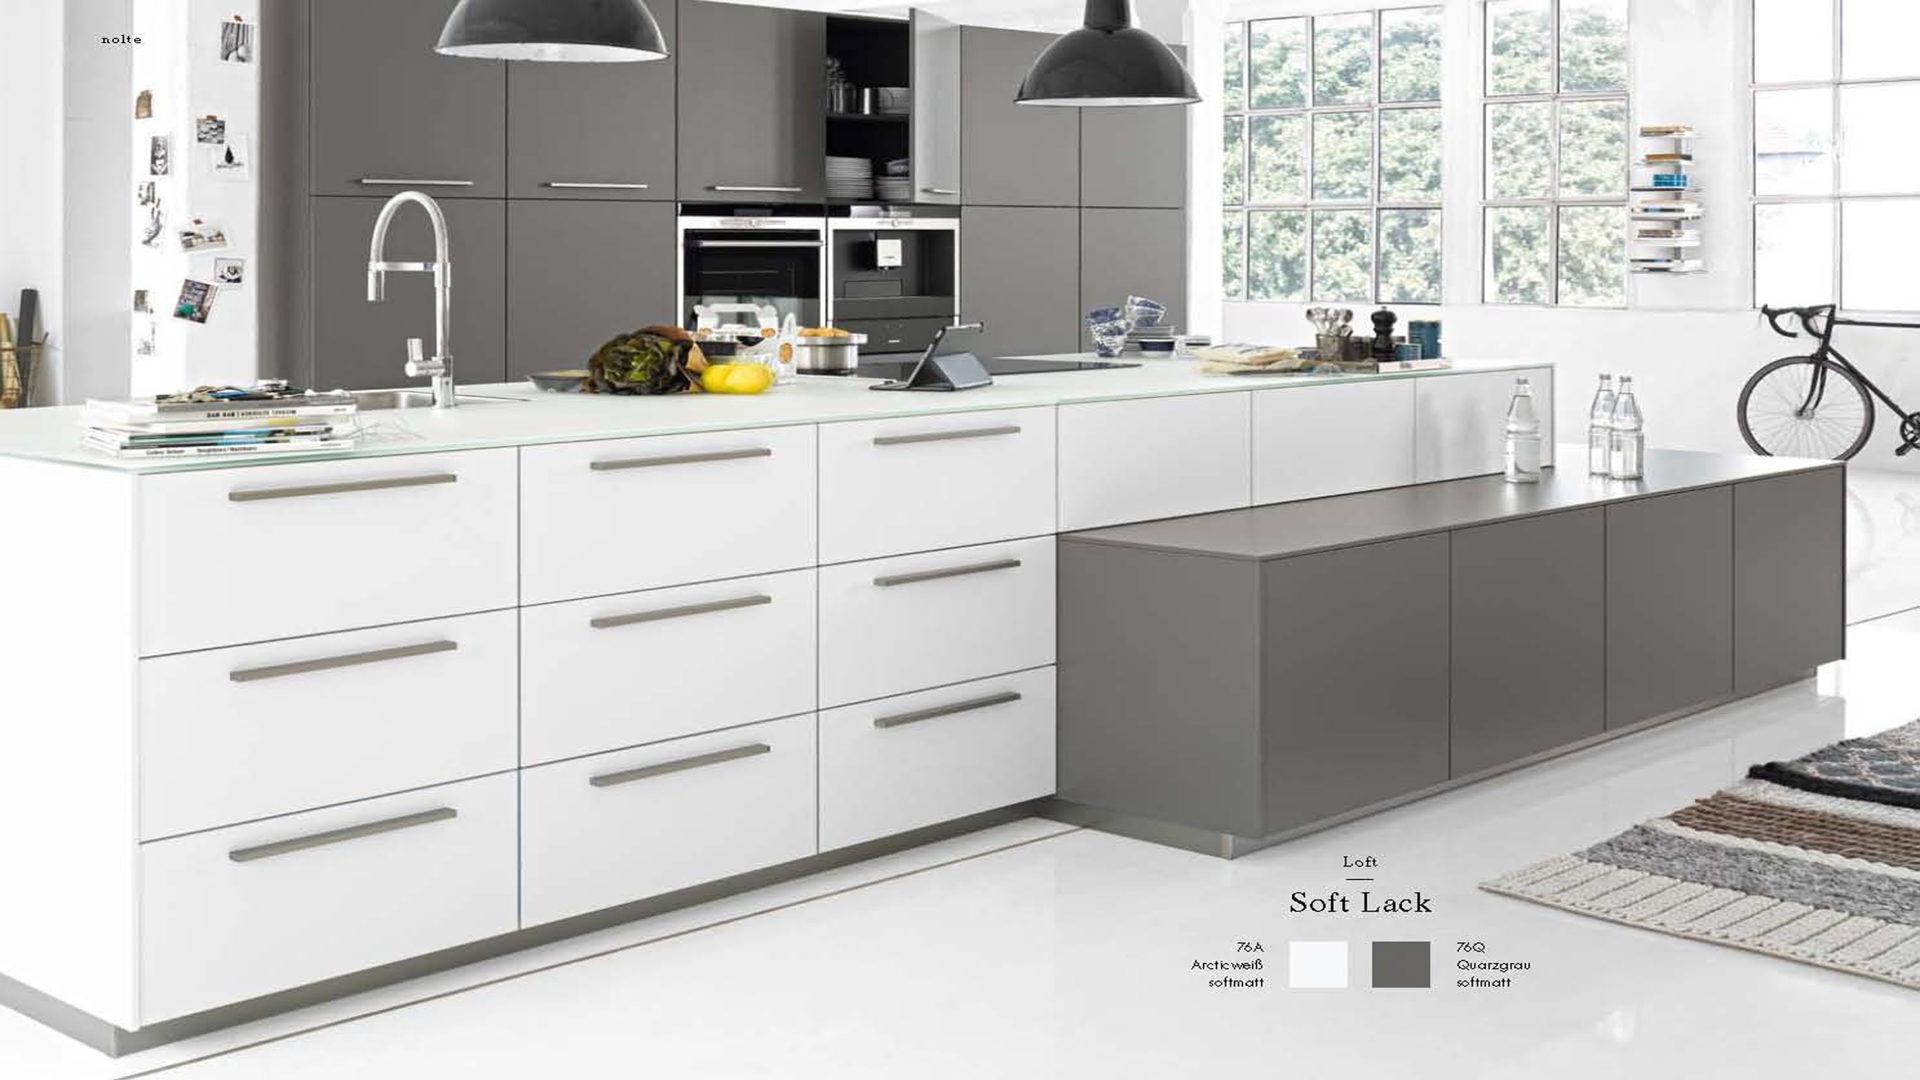 Schön Besteckeinsatz Für Nolte Küchen Bilder - Innenarchitektur ...